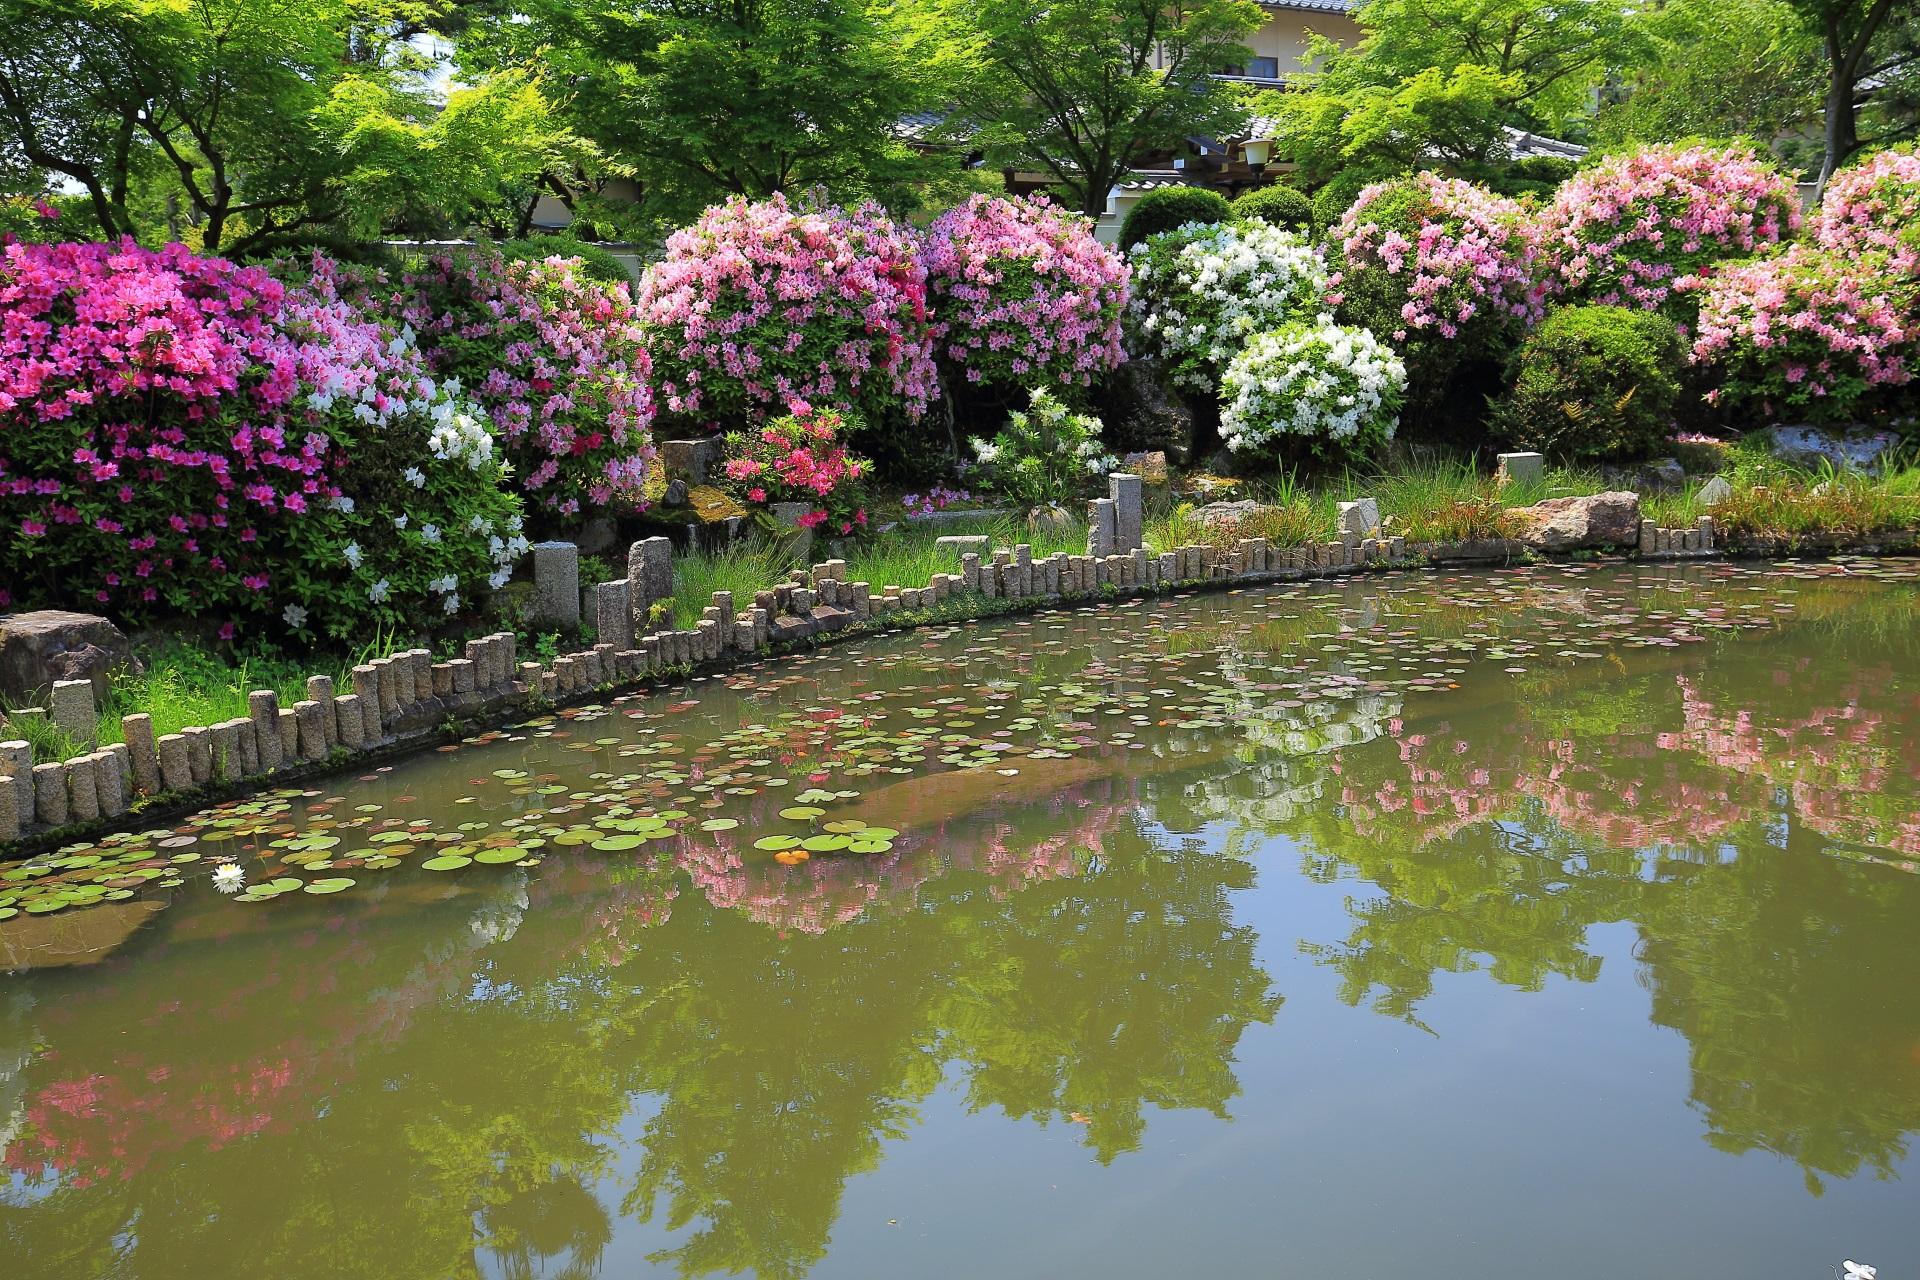 妙満寺の池の畔のツツジとほのかな水鏡